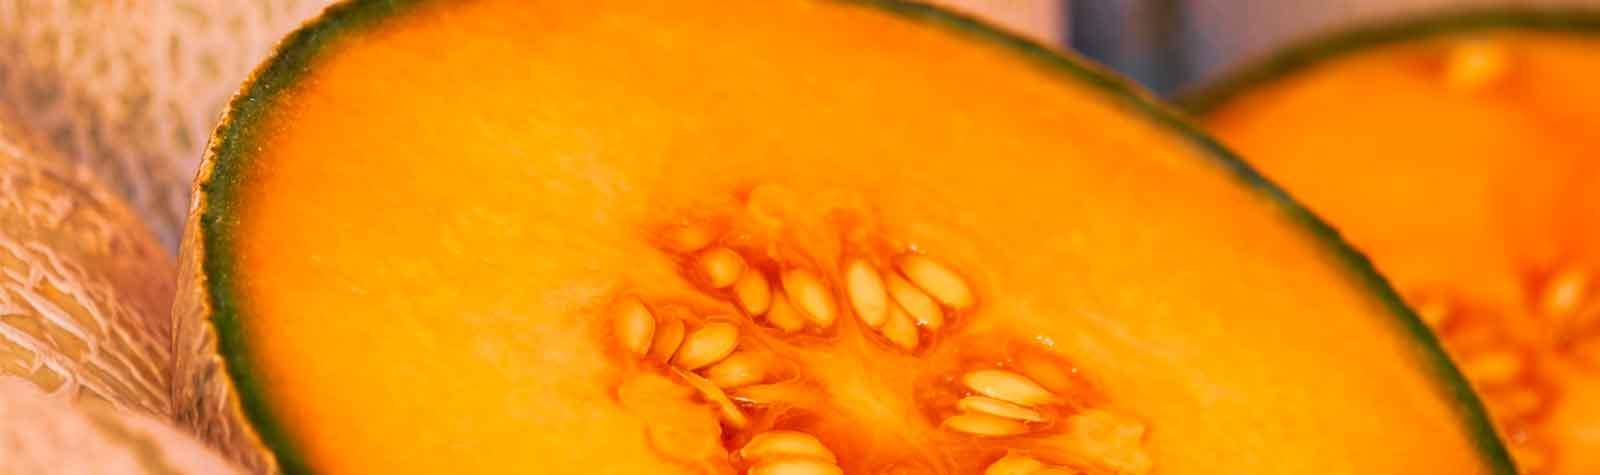 Murcia garantiza el suministro de melón y sandía pese a la granizada